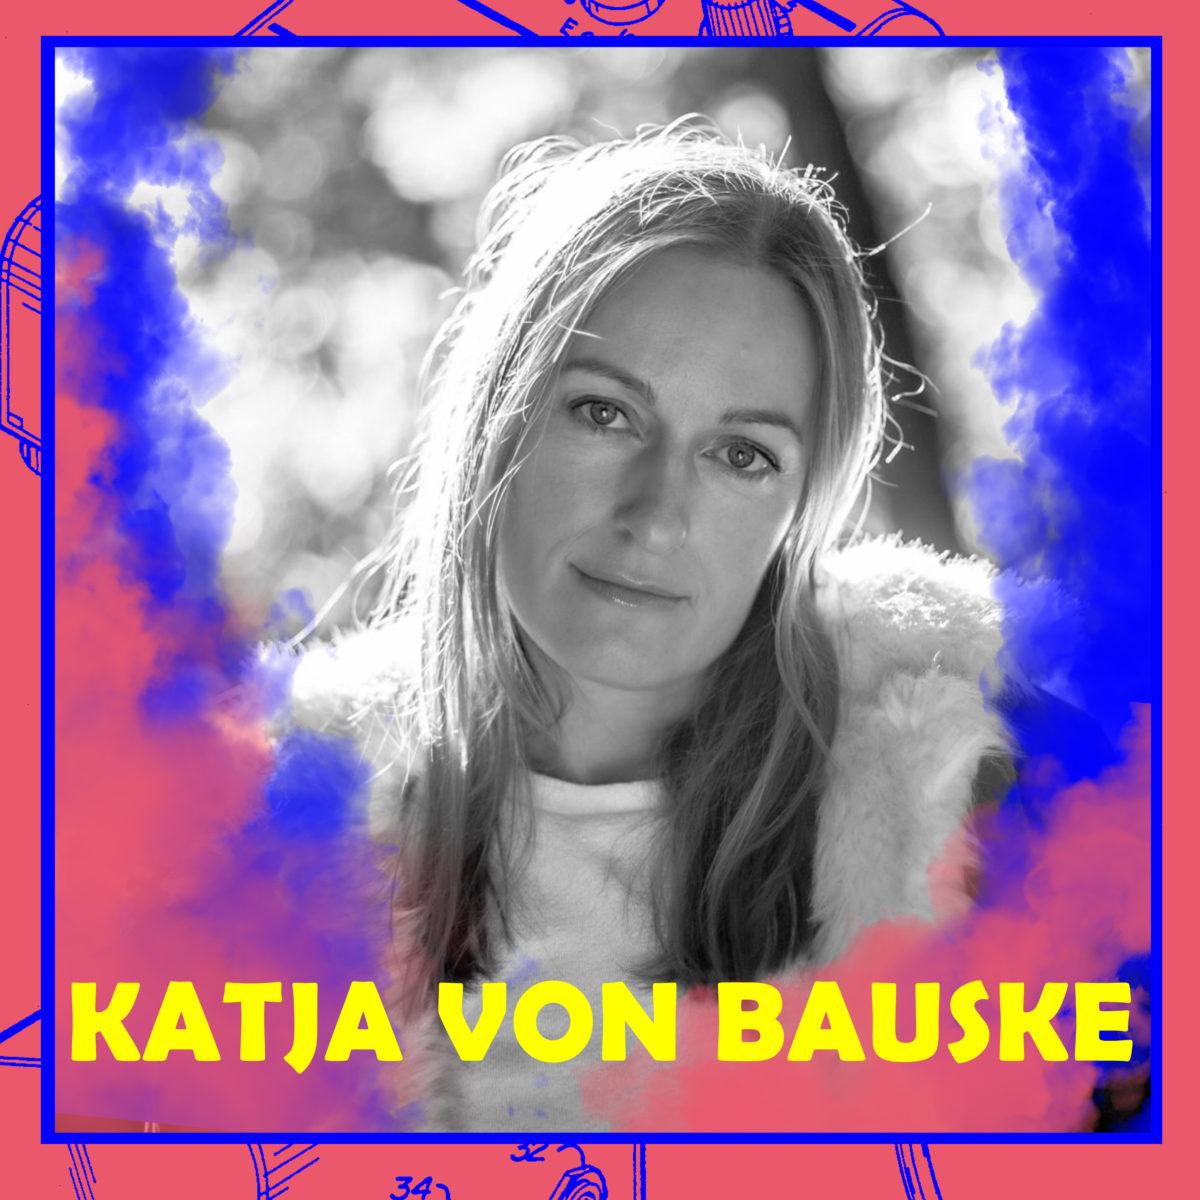 Katja von Bauske